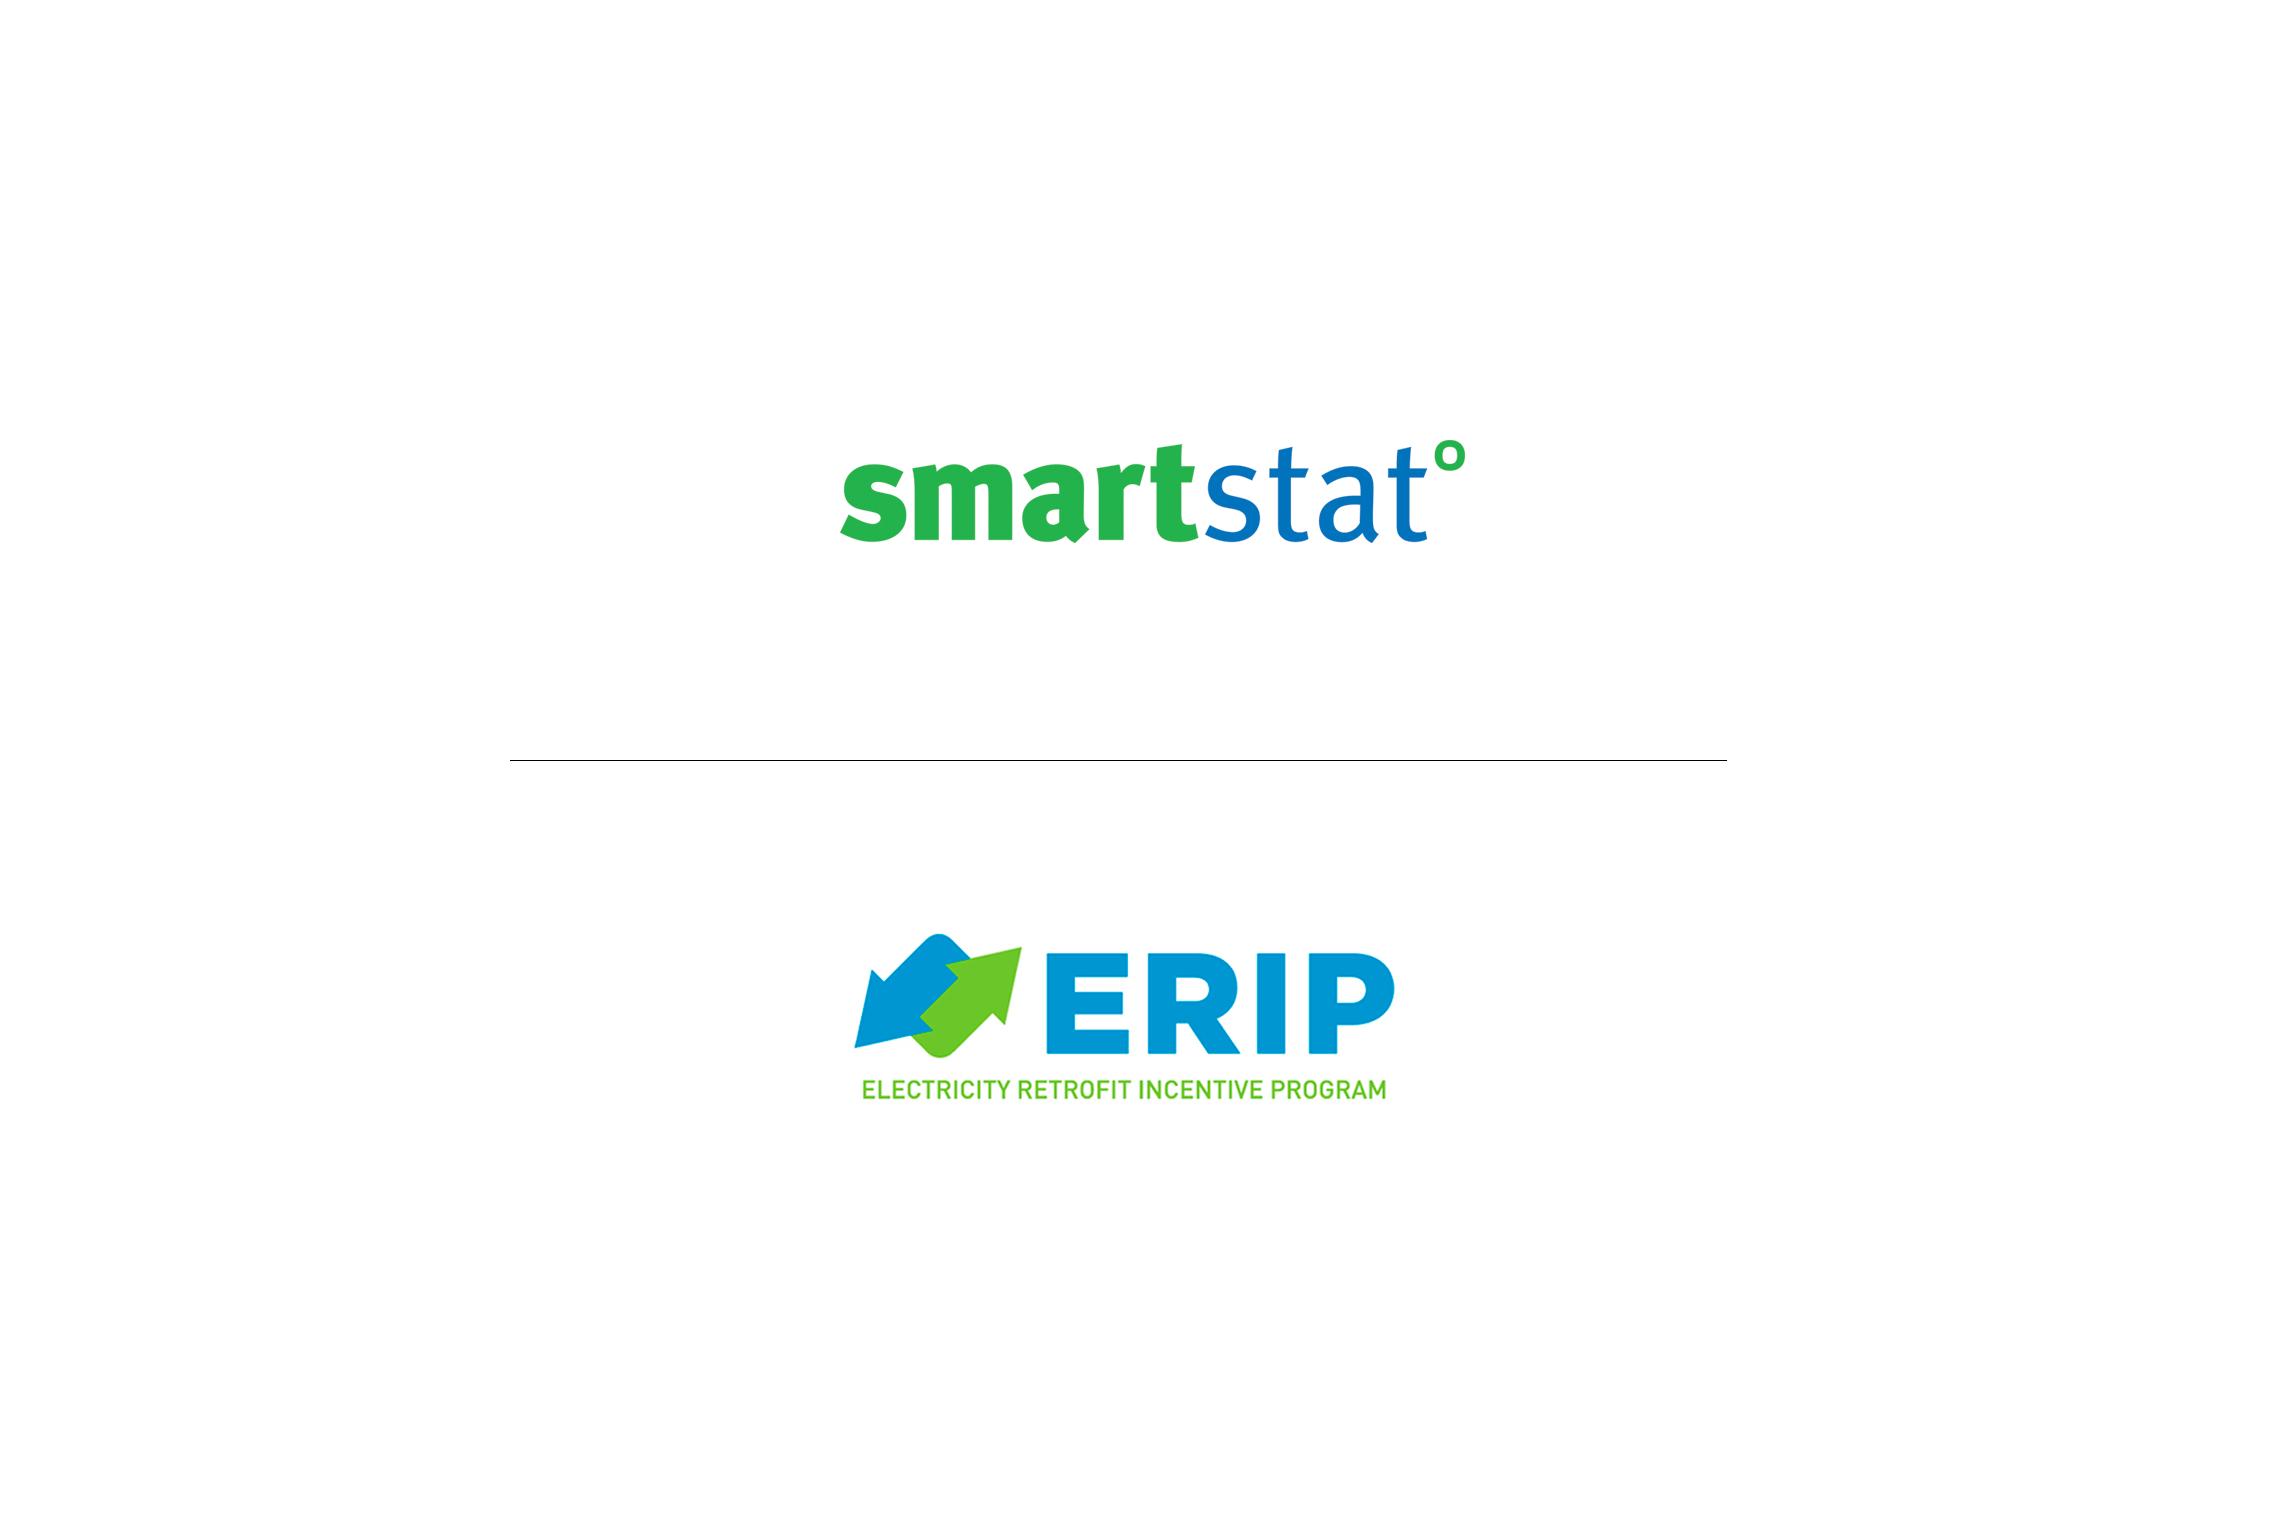 smartstat.and.erip.logos